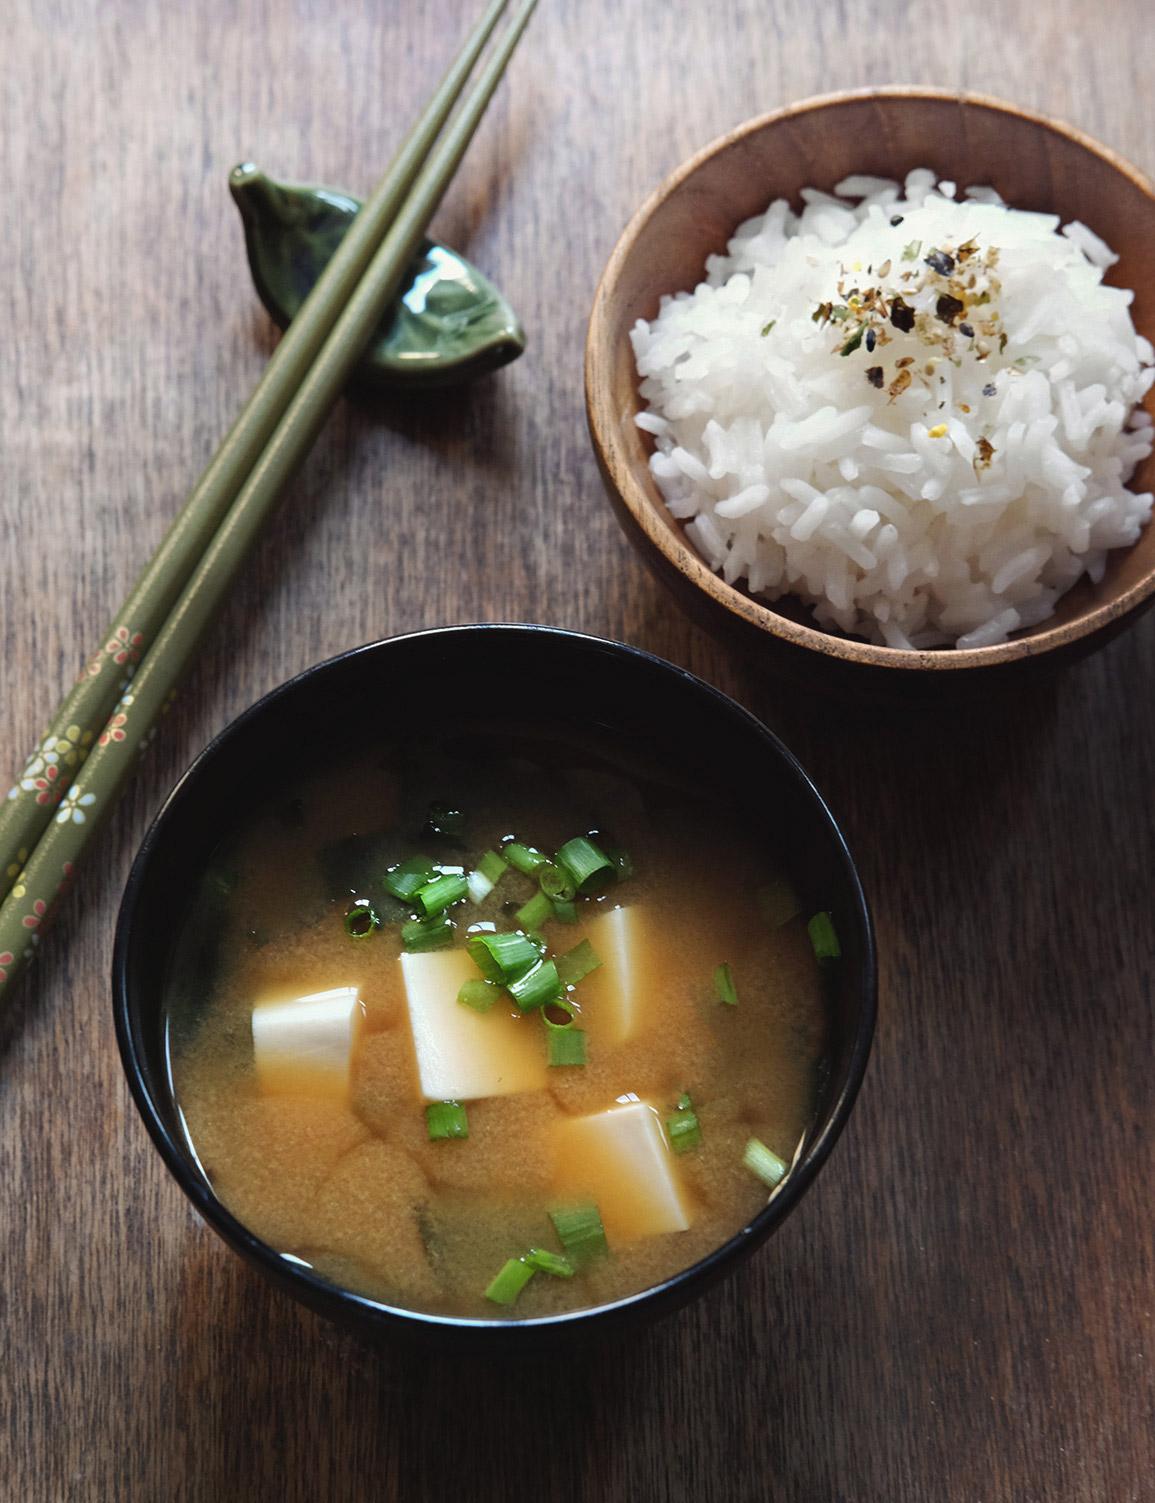 מרק מיסו ואורז יפני עם פוריקקה